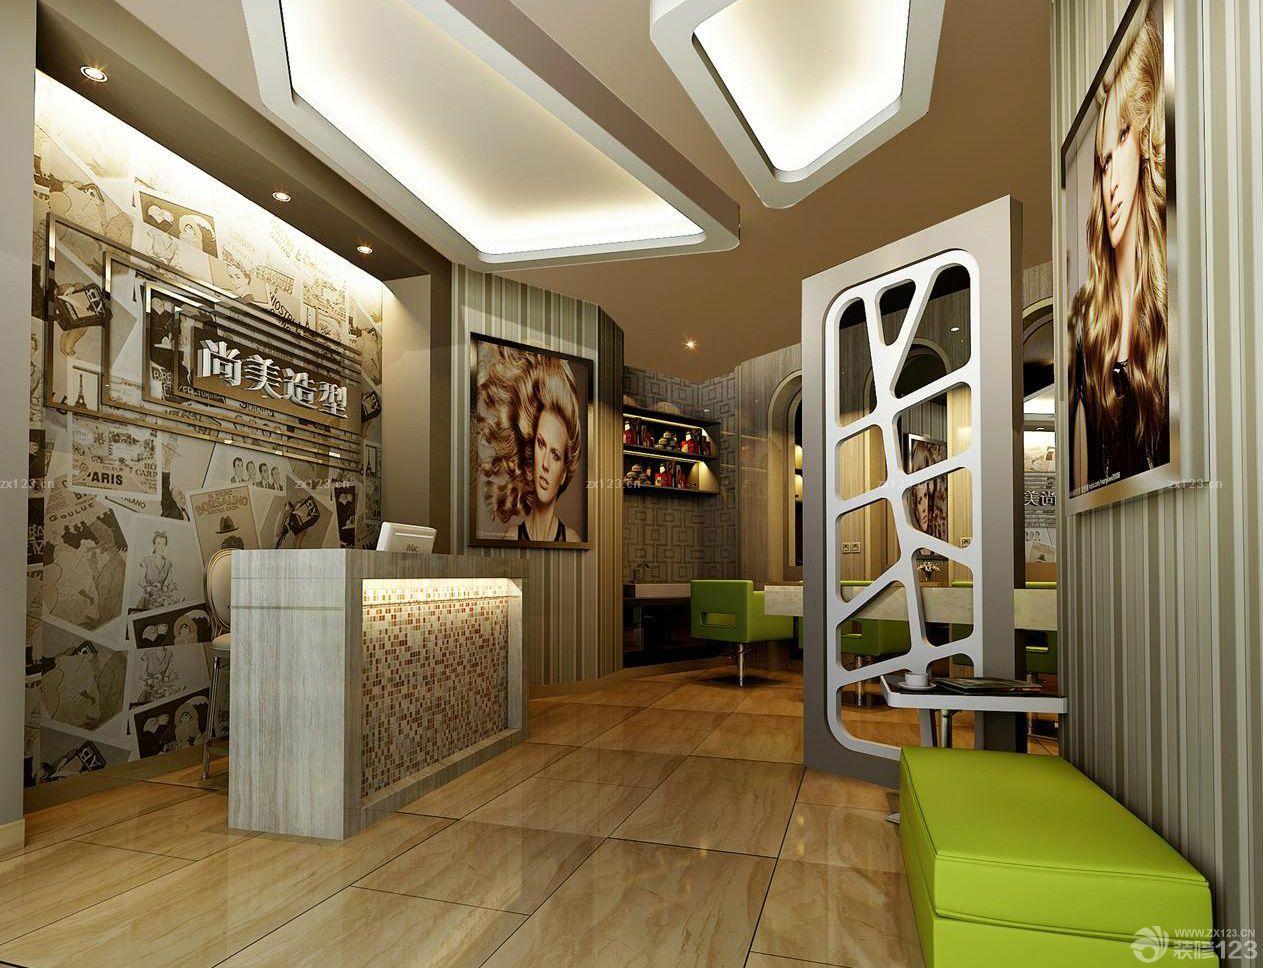 发廊吧台装修设计效果图大全